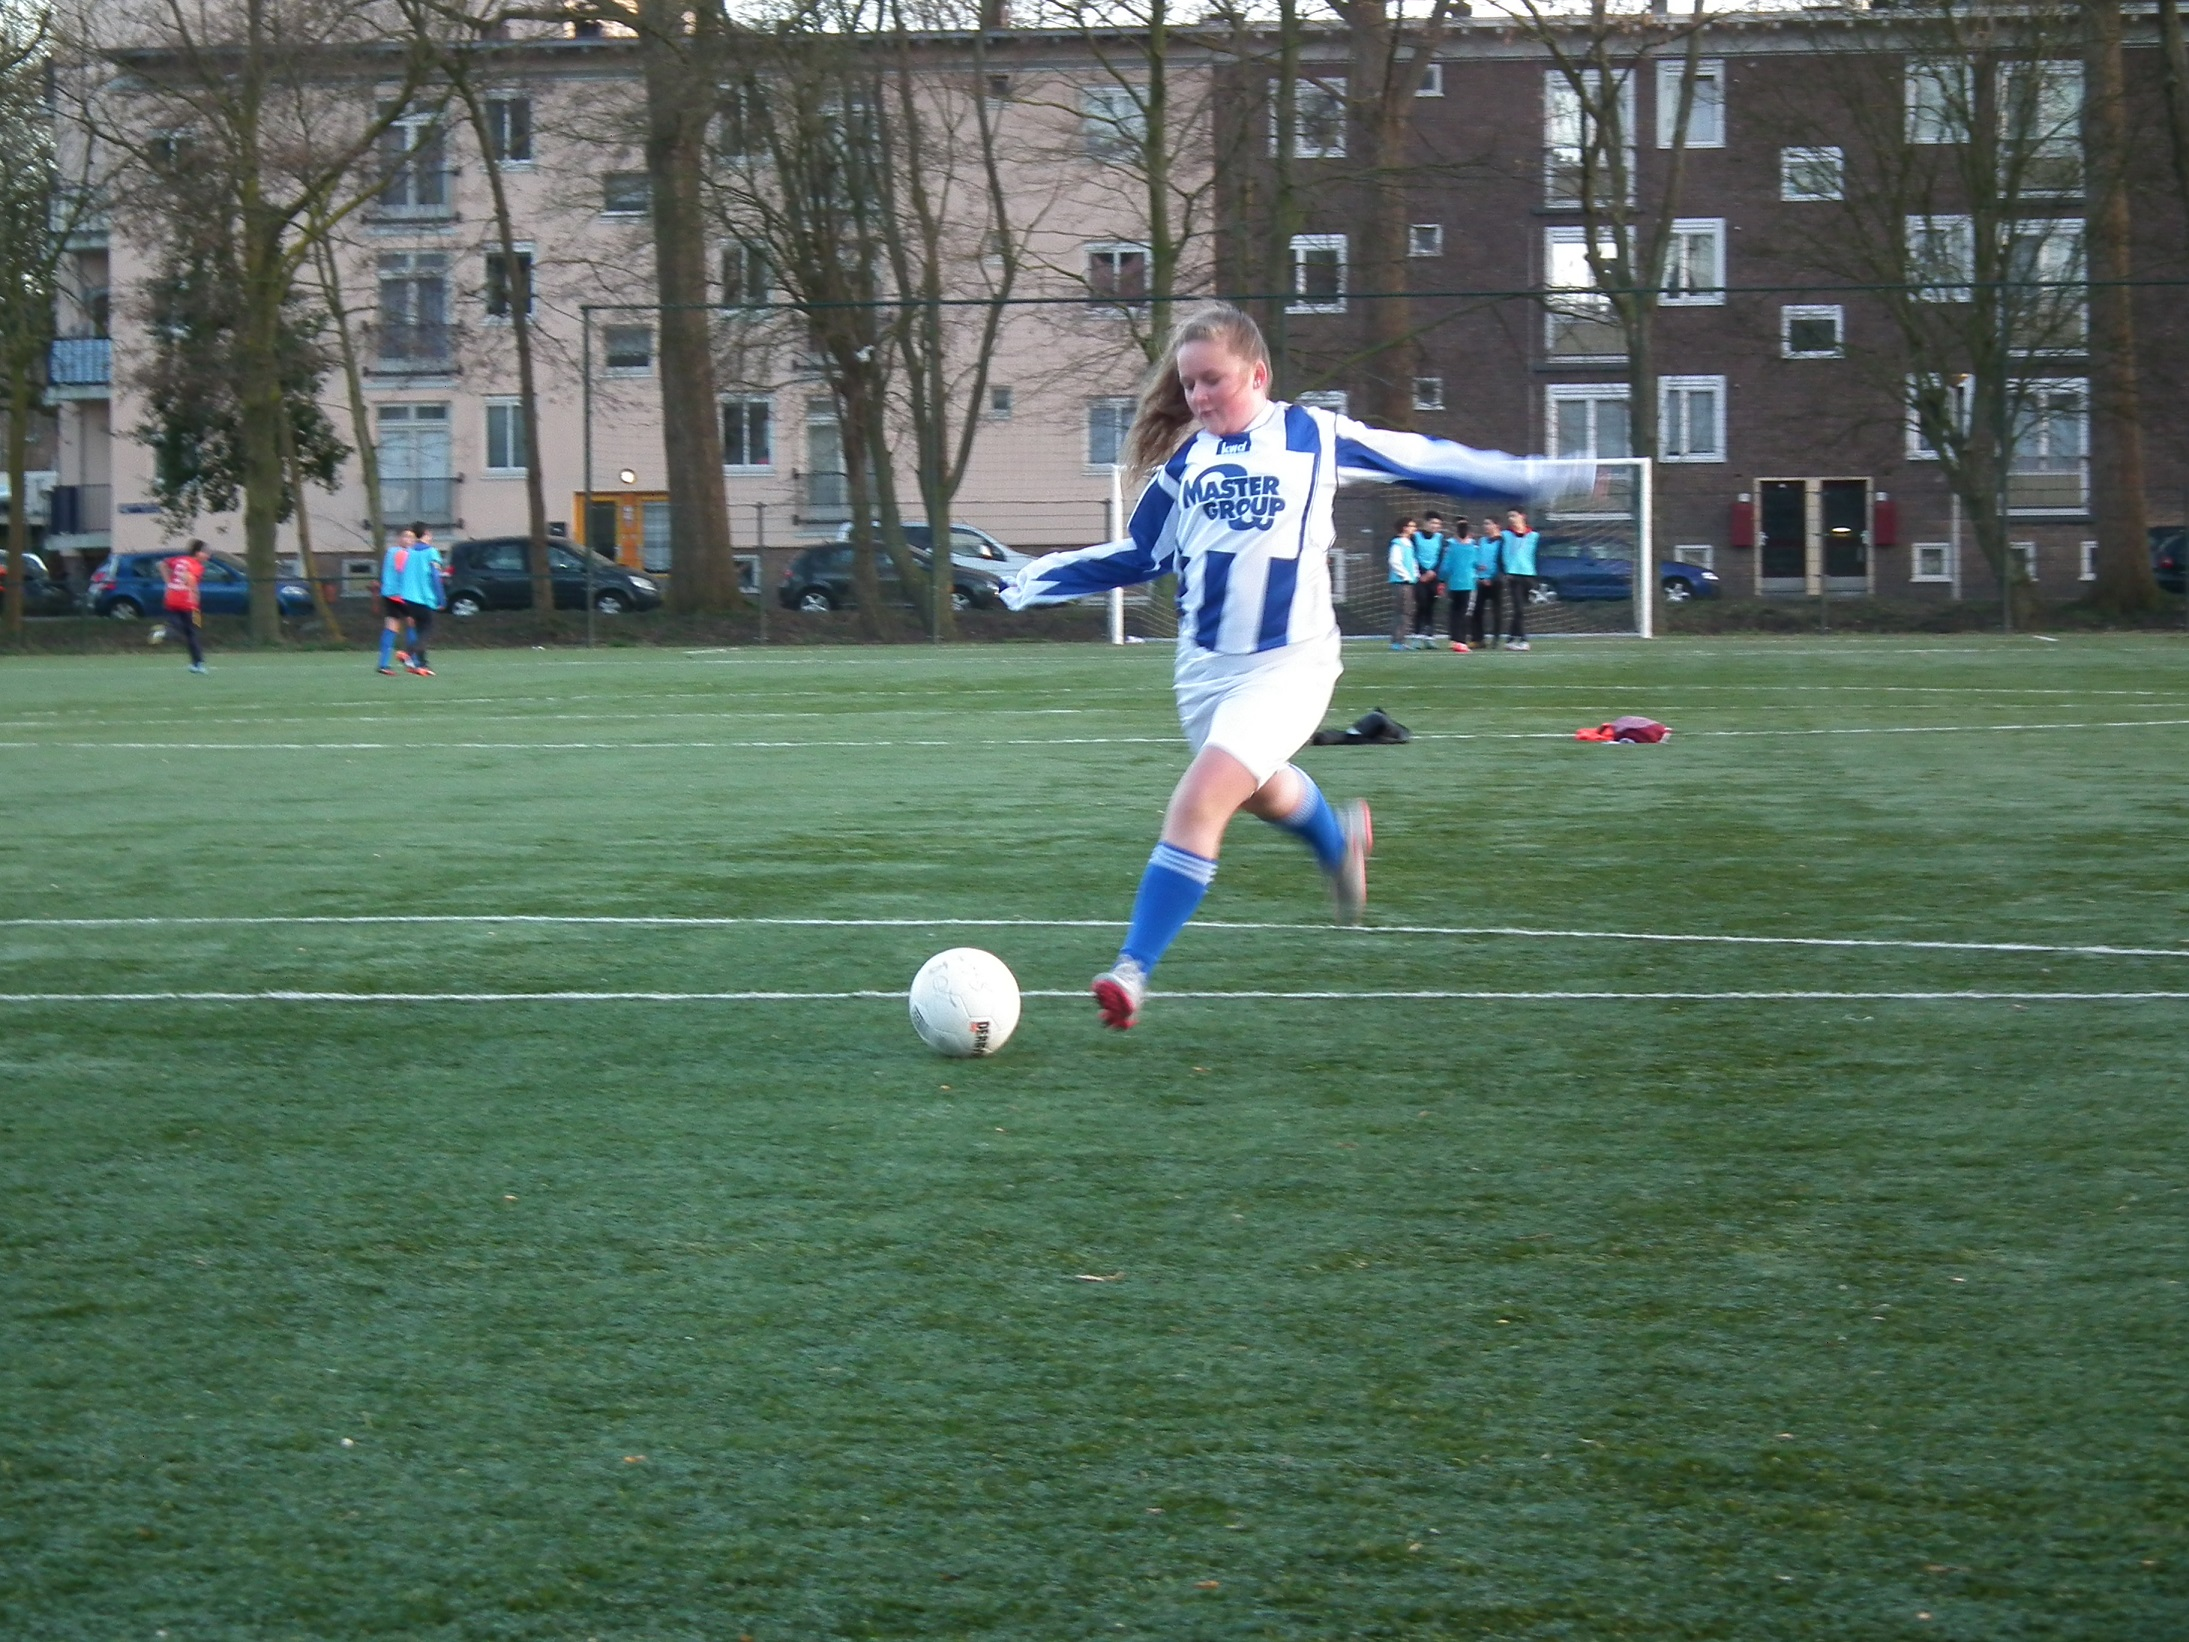 Meisjes voetbal bij Avv Sloterdijk!